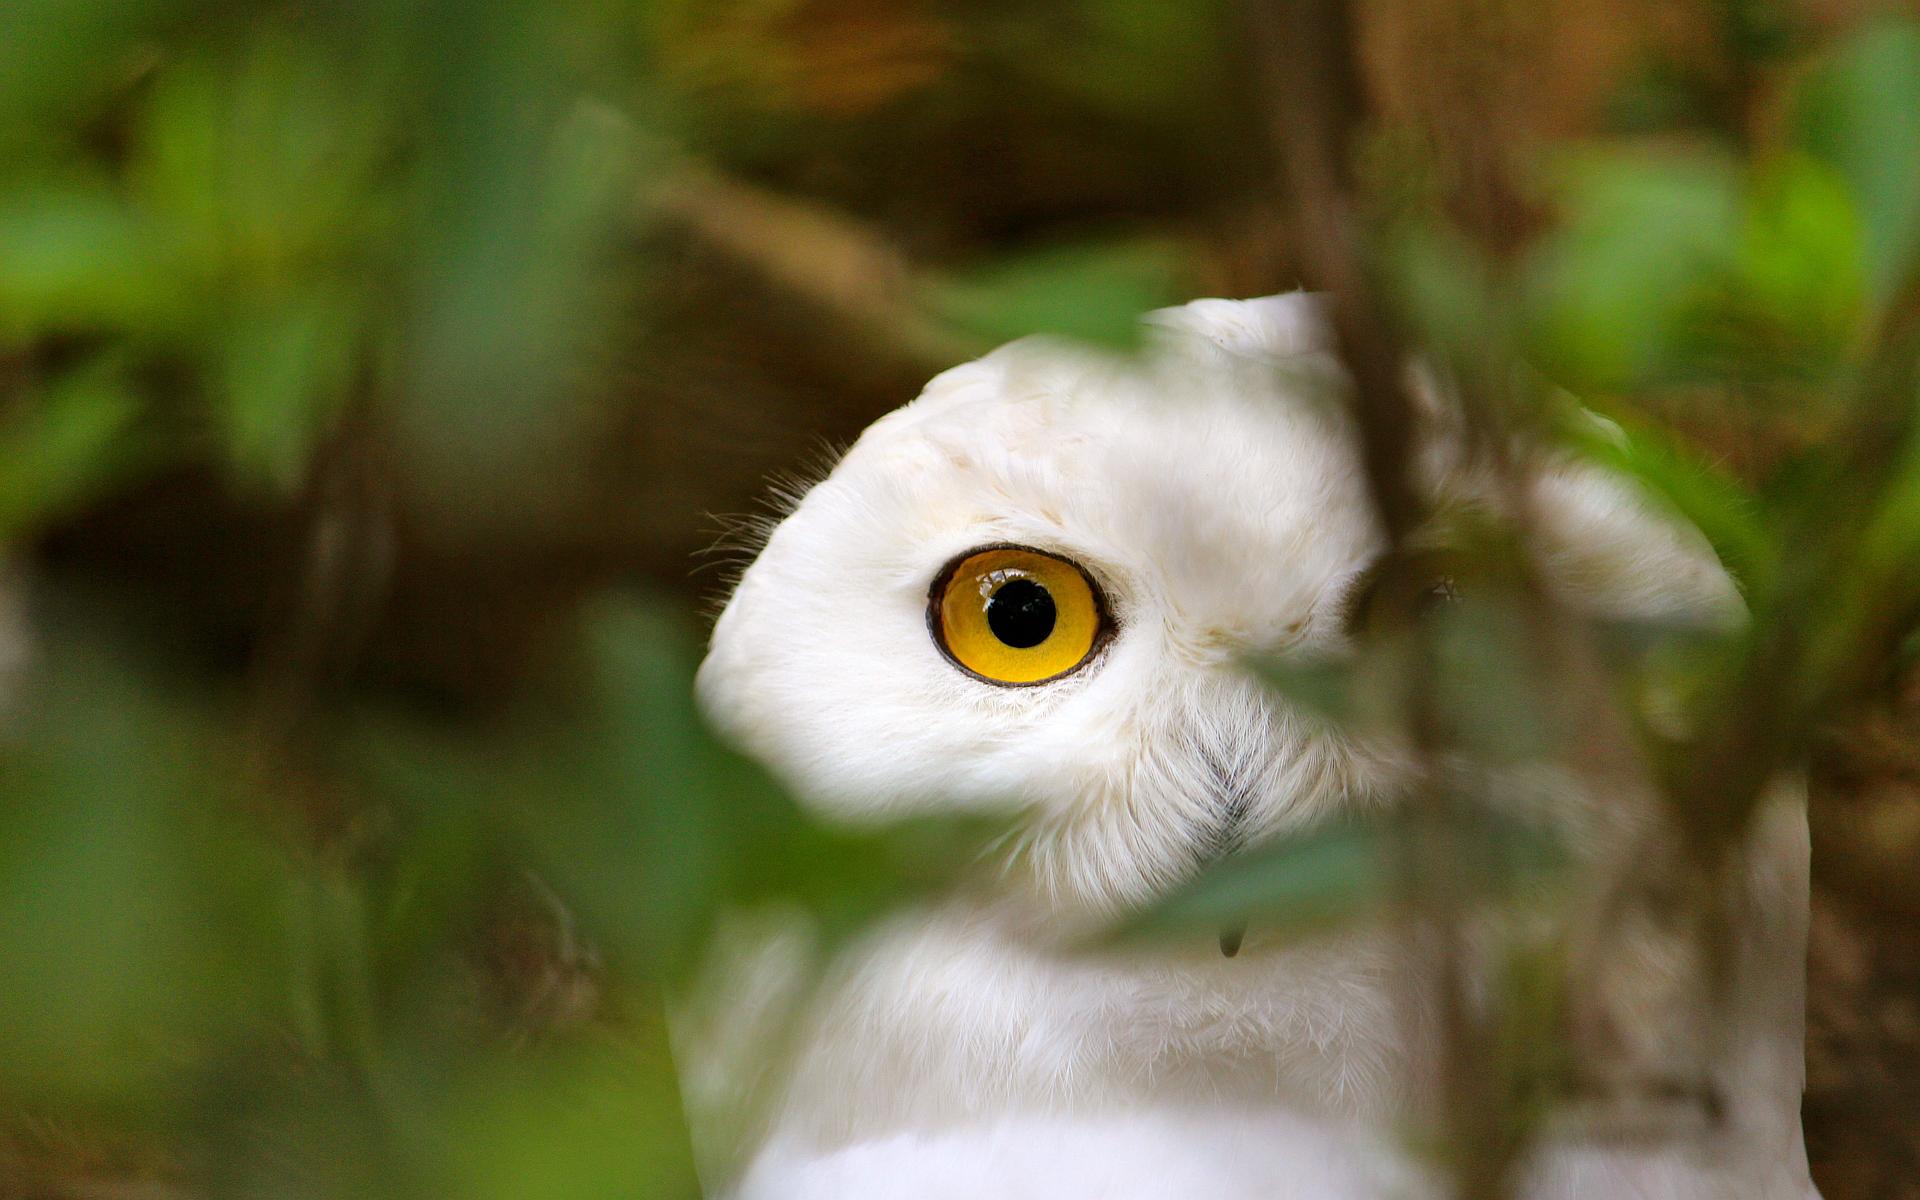 Cute Kitty Wallpapers Free Owl A9 Hd Desktop Wallpapers 4k Hd